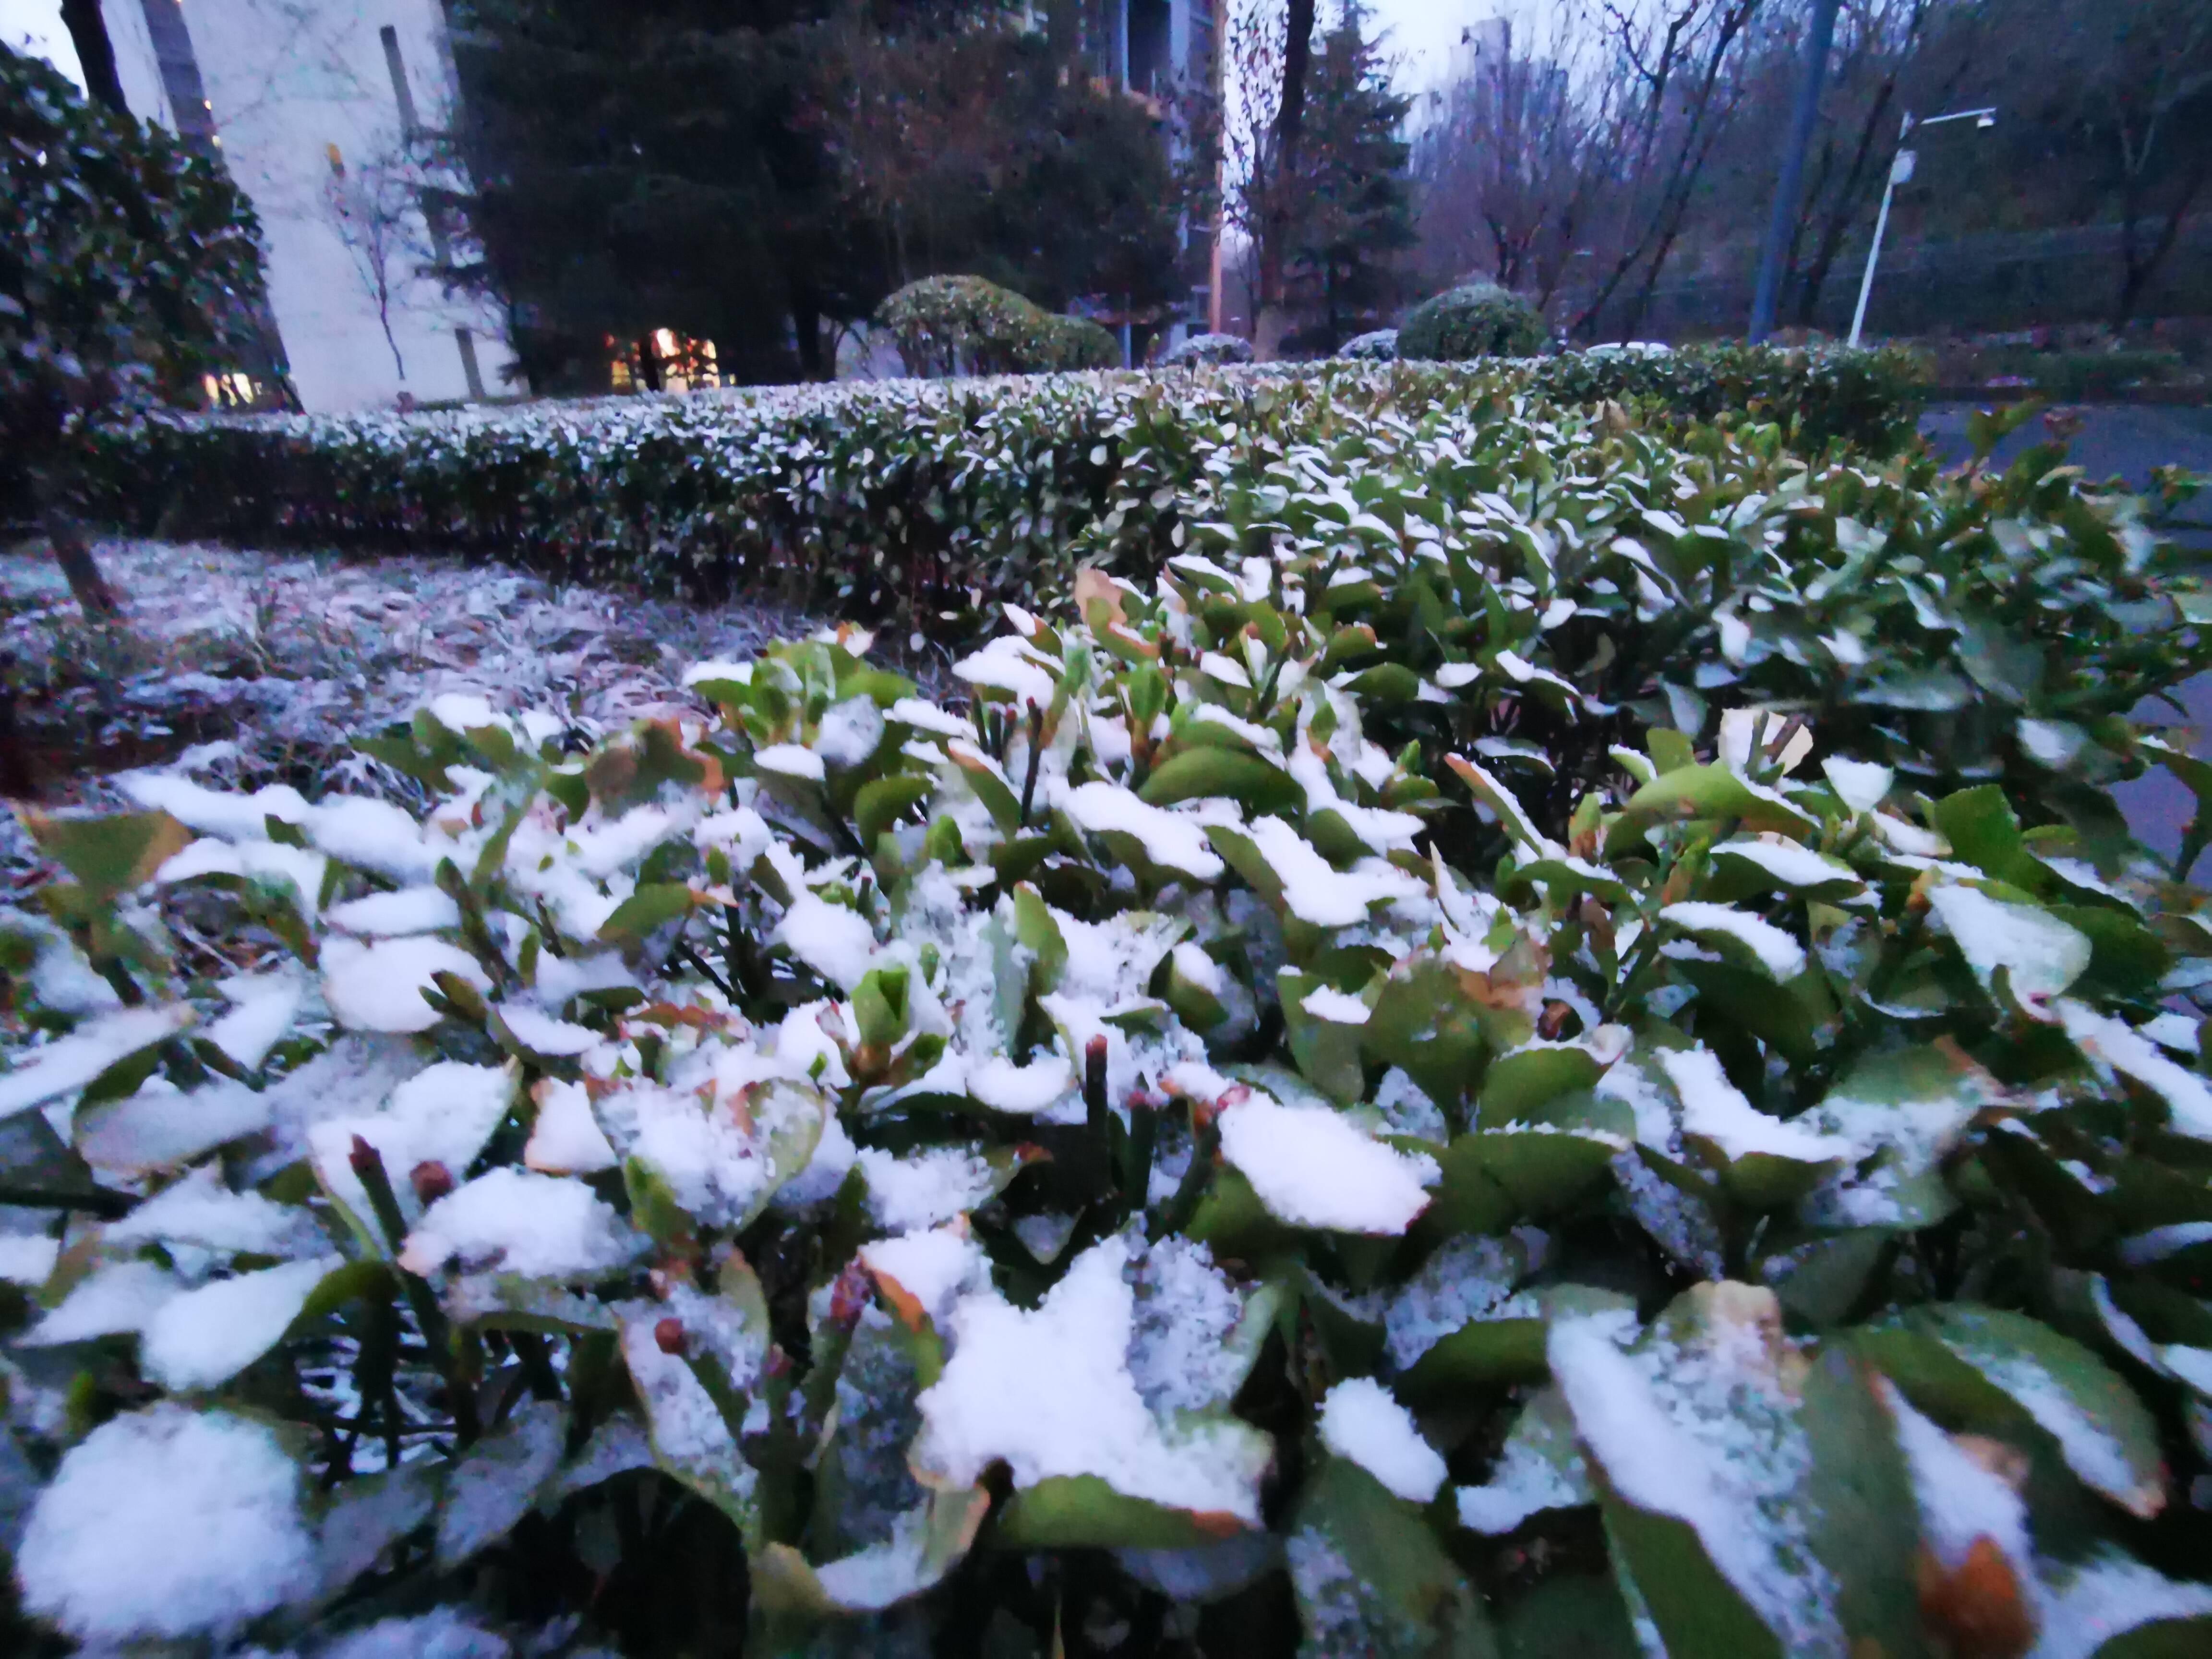 下雪啦!开学第一天+雨雪降温+周一 今天早高峰将更拥堵!